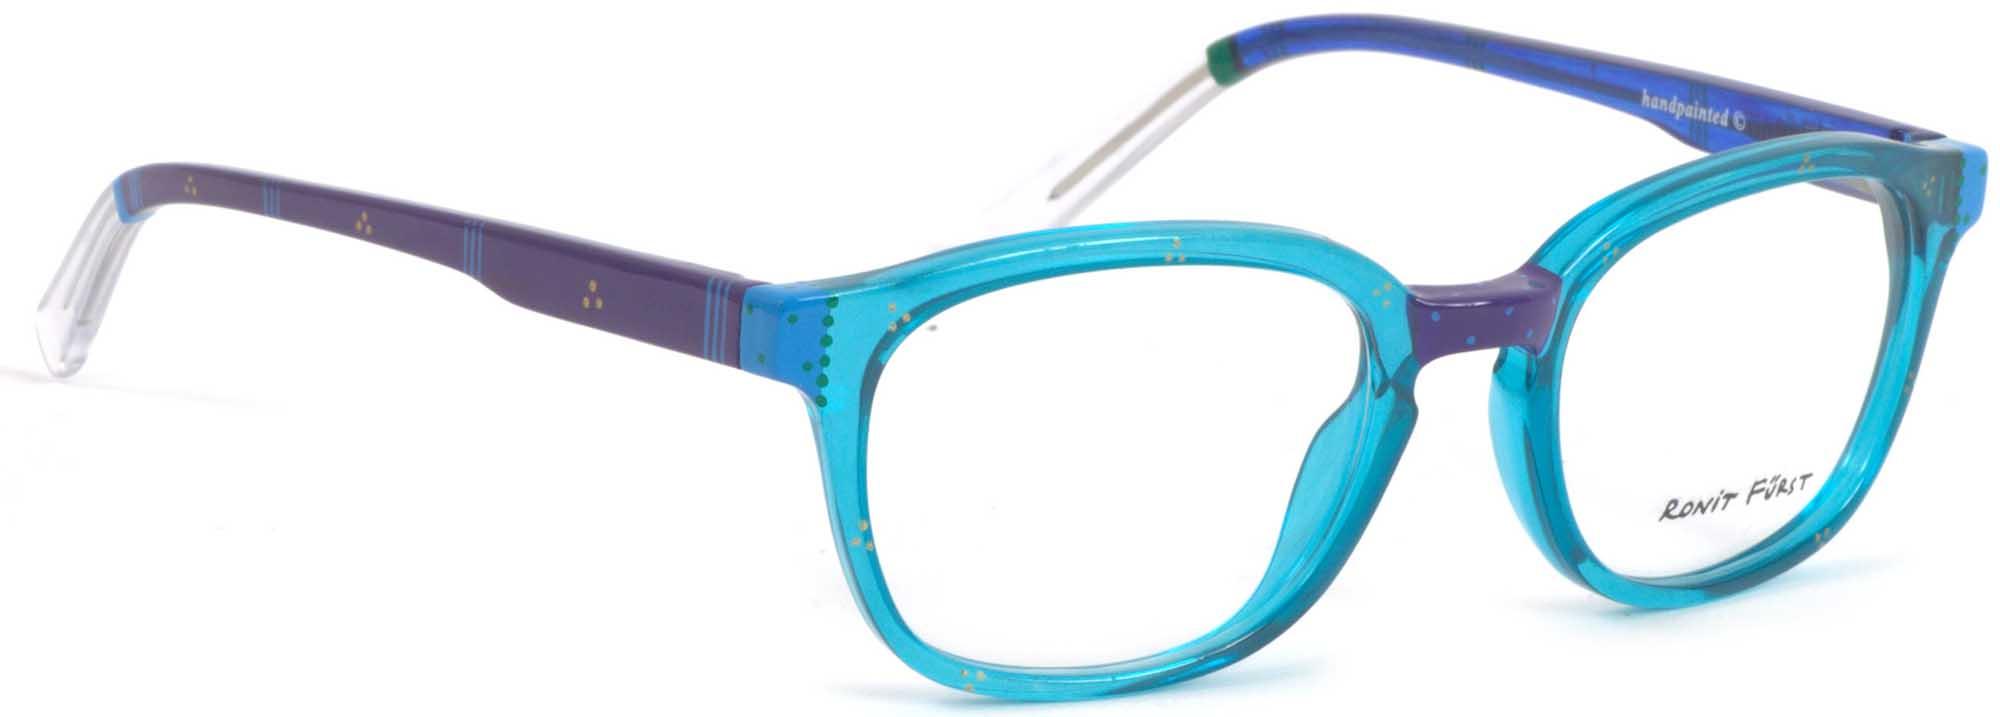 רונית פירסט, משקפיים, מגזין אופנה ישראלי - אופנה - 6